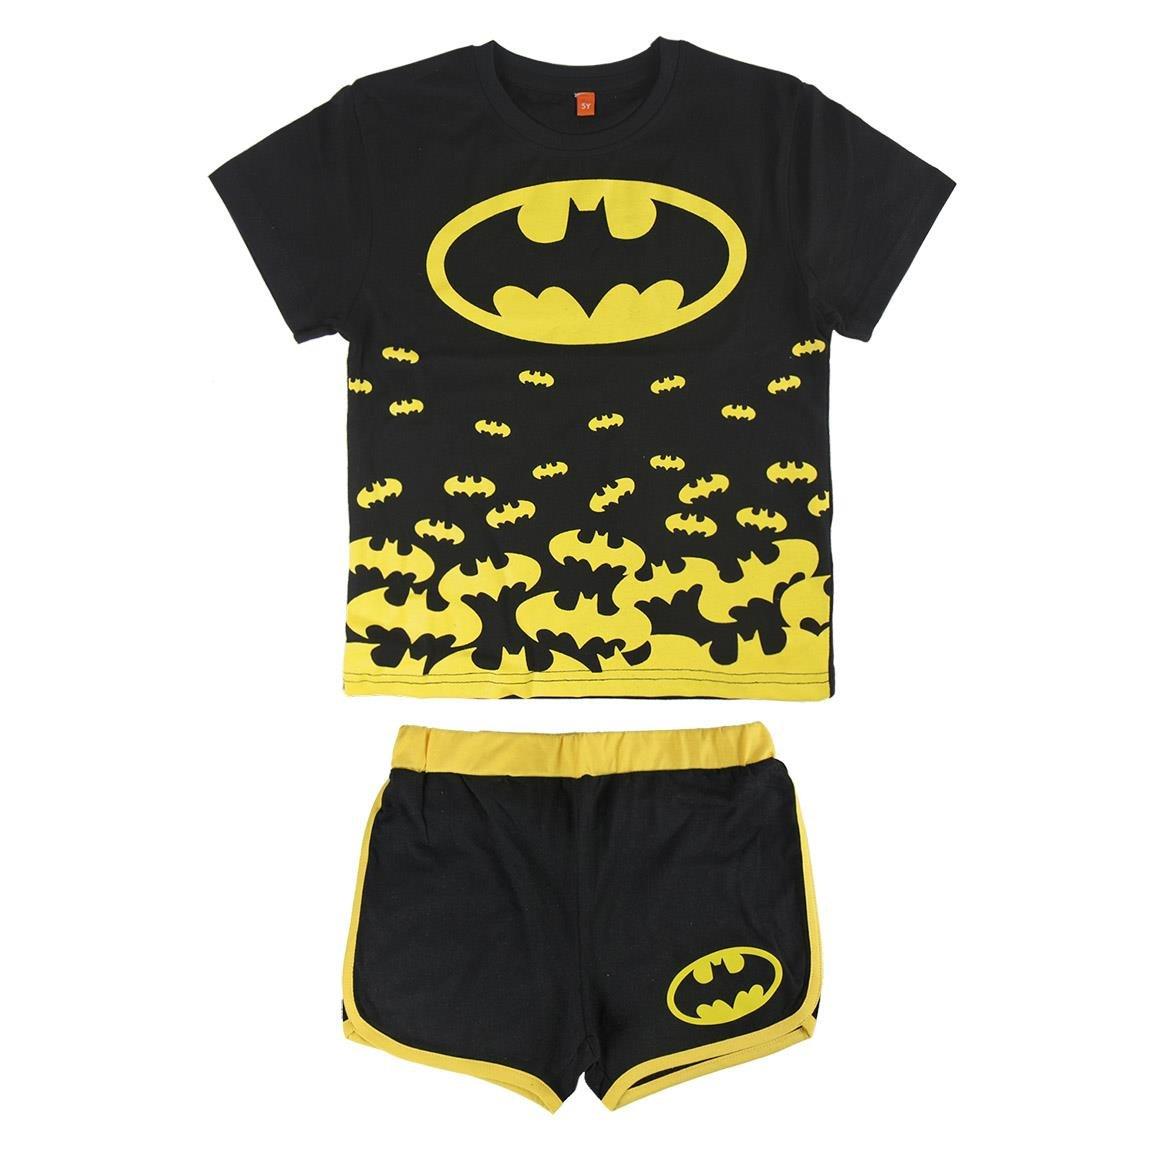 Batman - Conjunto Pijama Manga Corta 2 piezas 100% algodón (7 años): Amazon.es: Ropa y accesorios